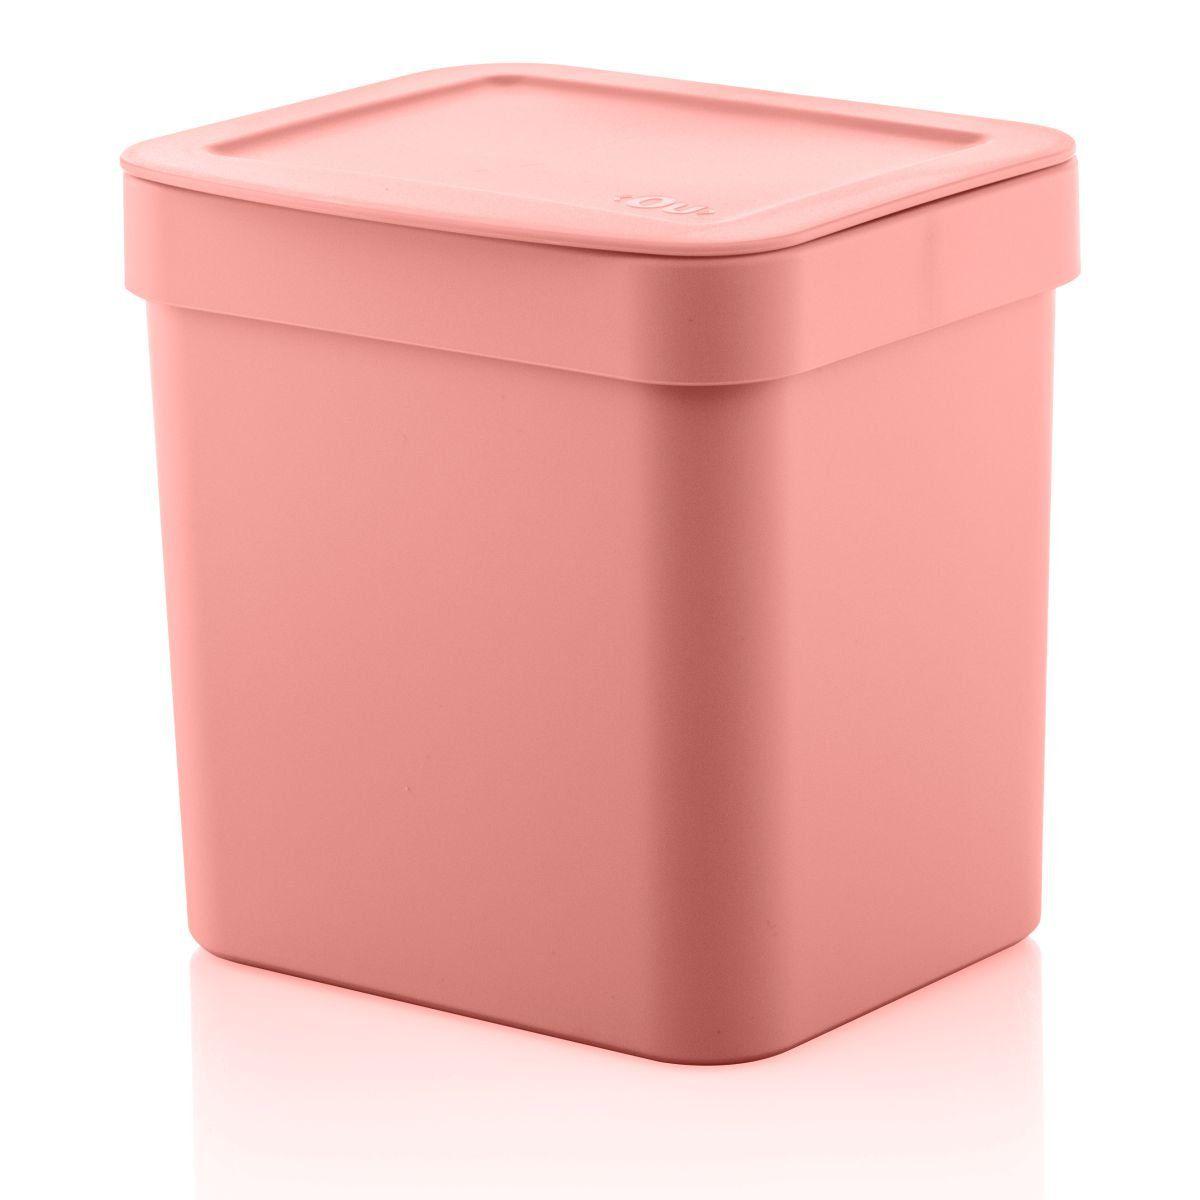 Lixeirinha de Pia Trium 4,7 Litros Cozinha Banheiro - Cores